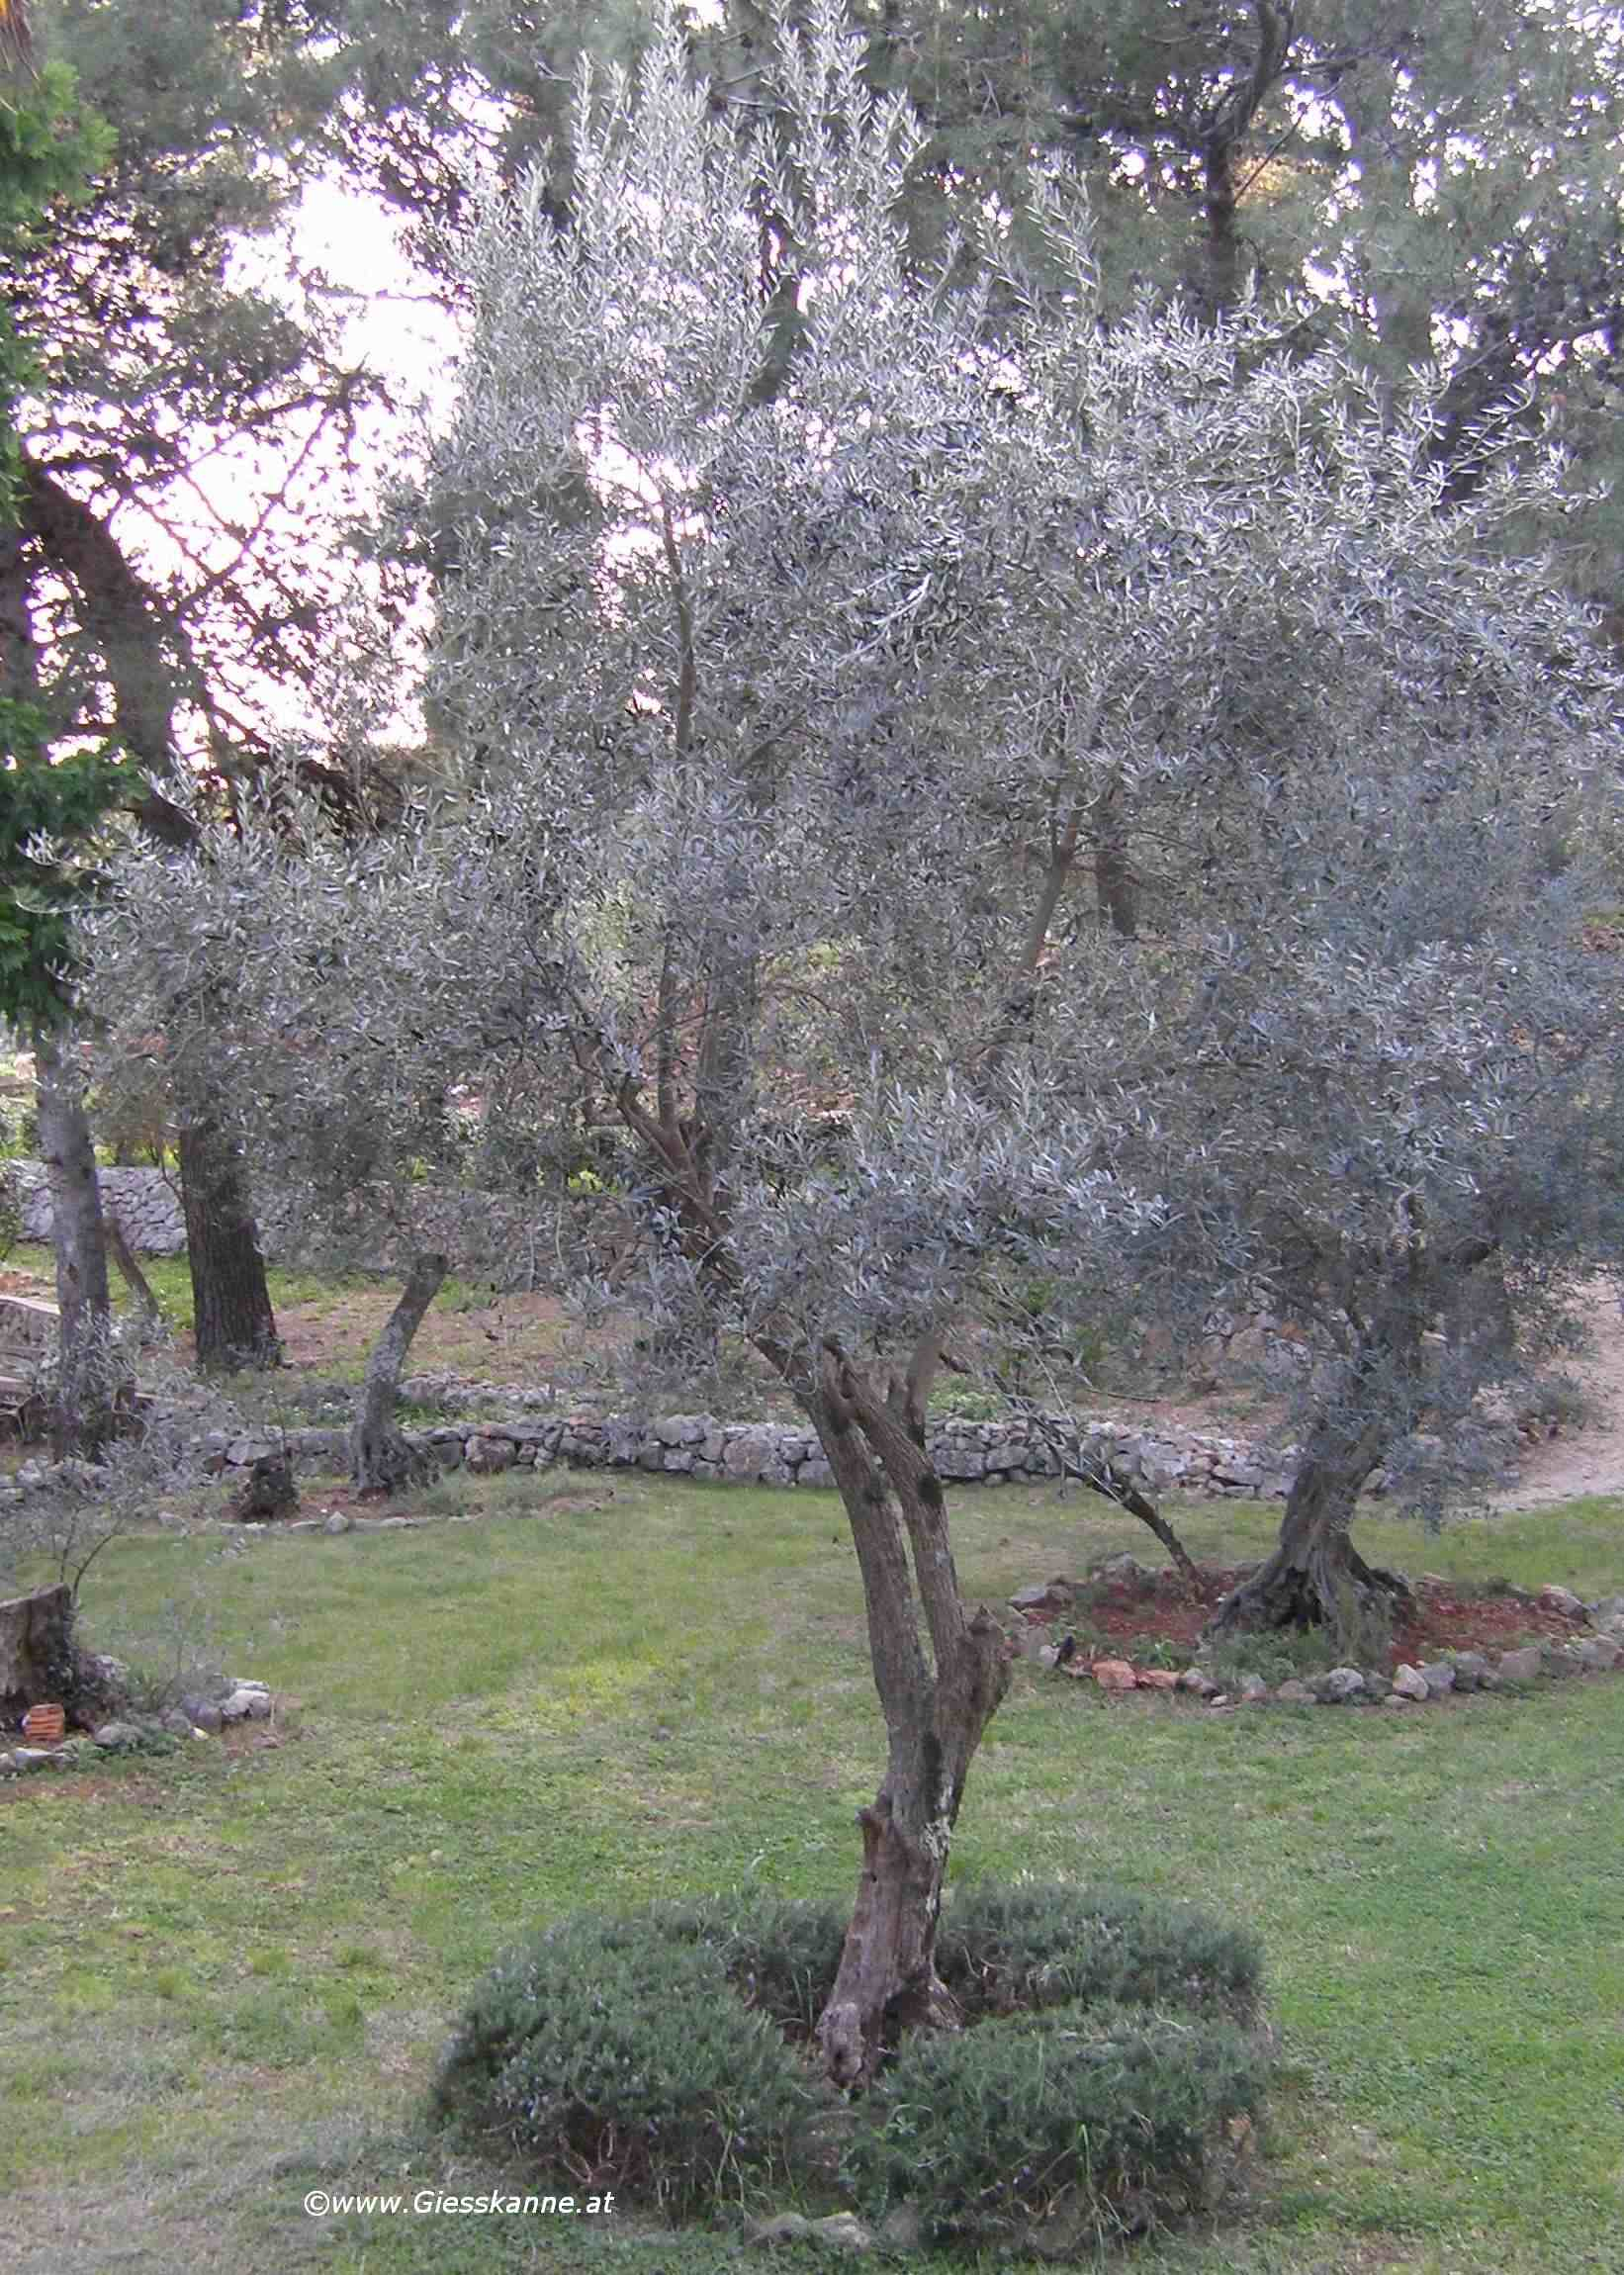 Olivenbaum Giesskanne At